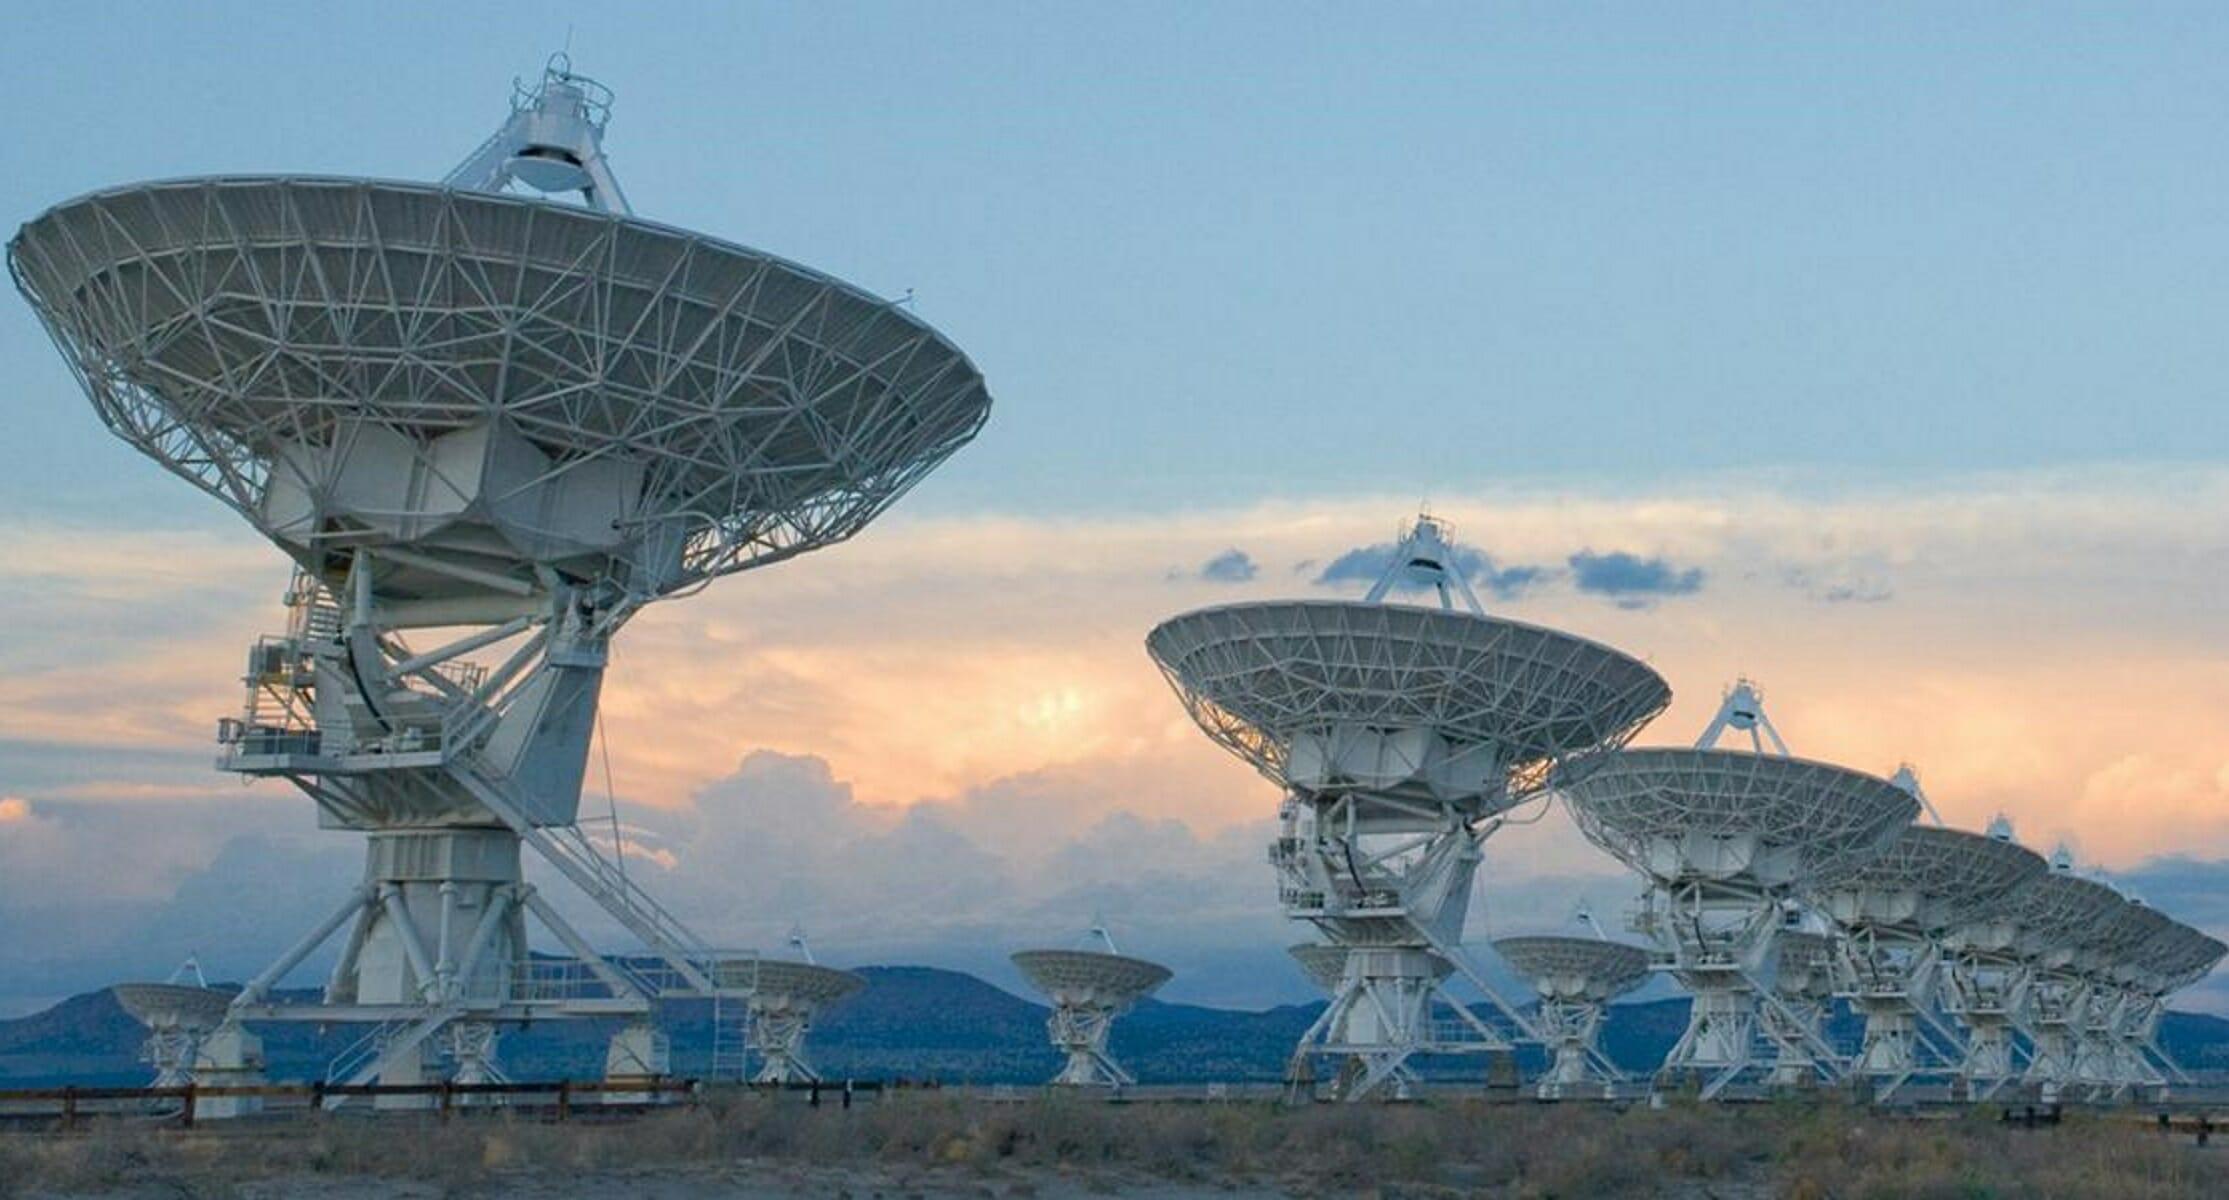 Αστρονόμοι θα σαρώσουν όλο τον ουρανό αναζητώντας εξωγήινους